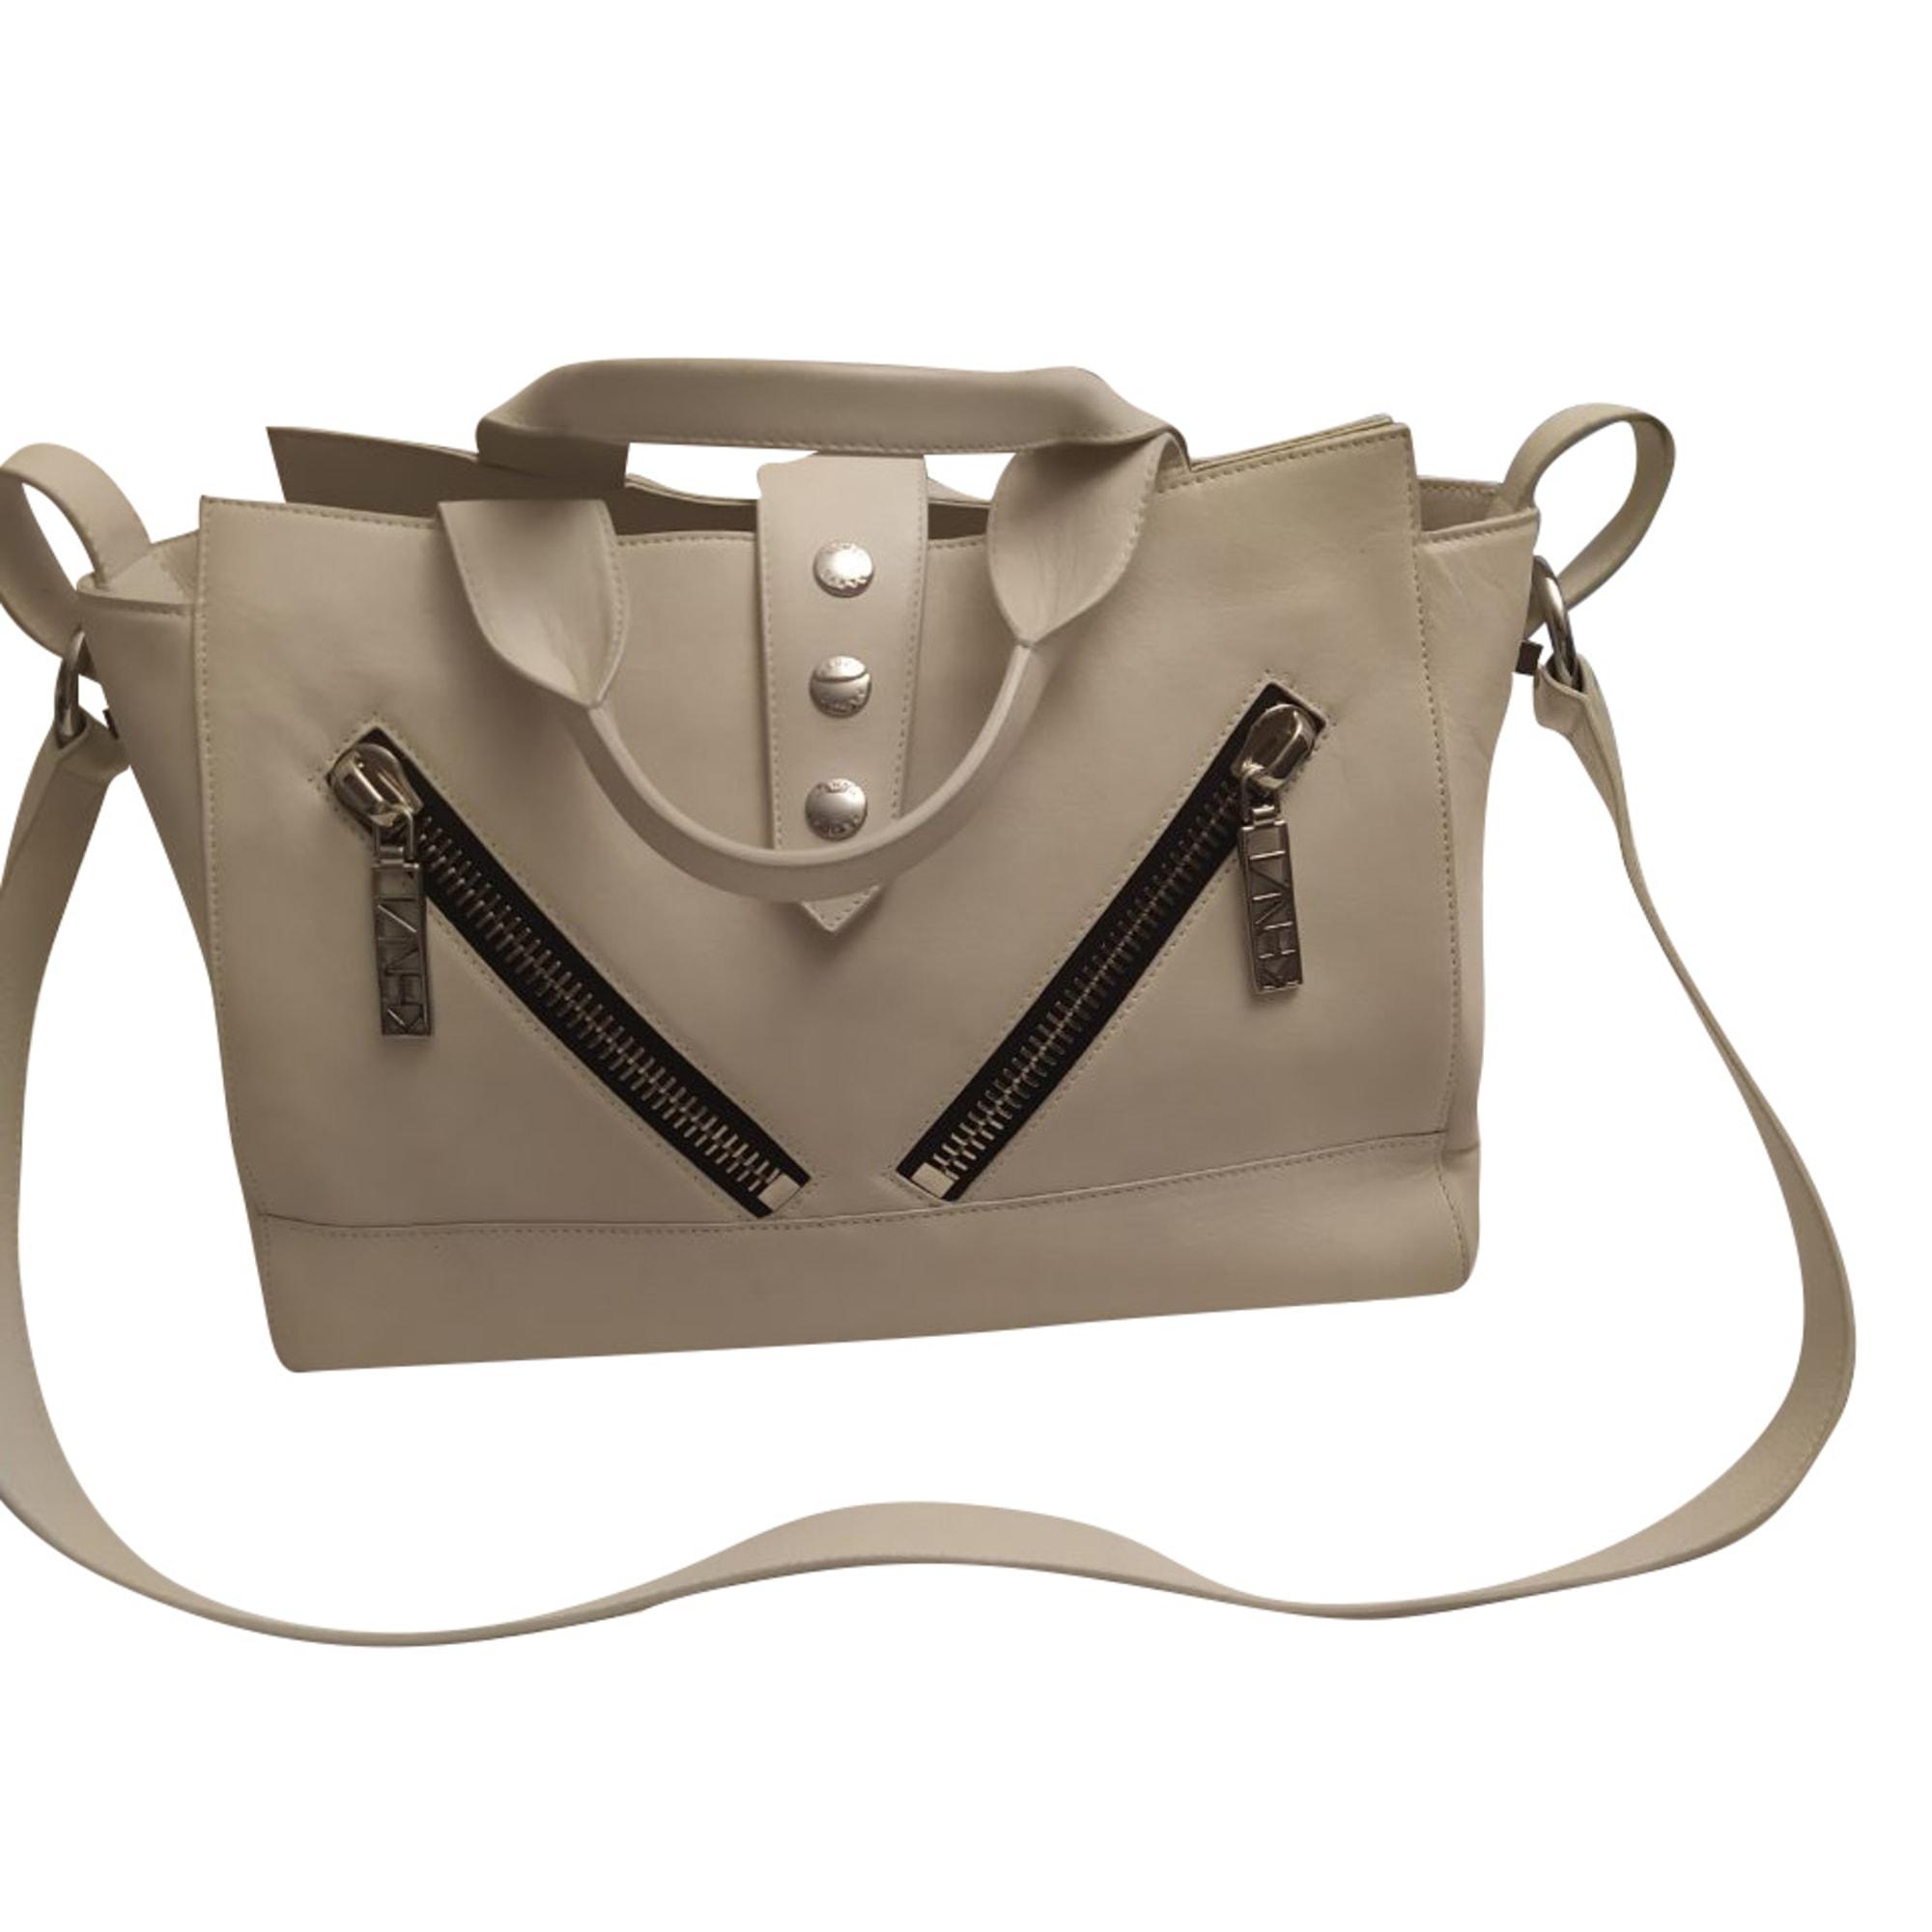 Lederhandtasche KENZO Weiß, elfenbeinfarben